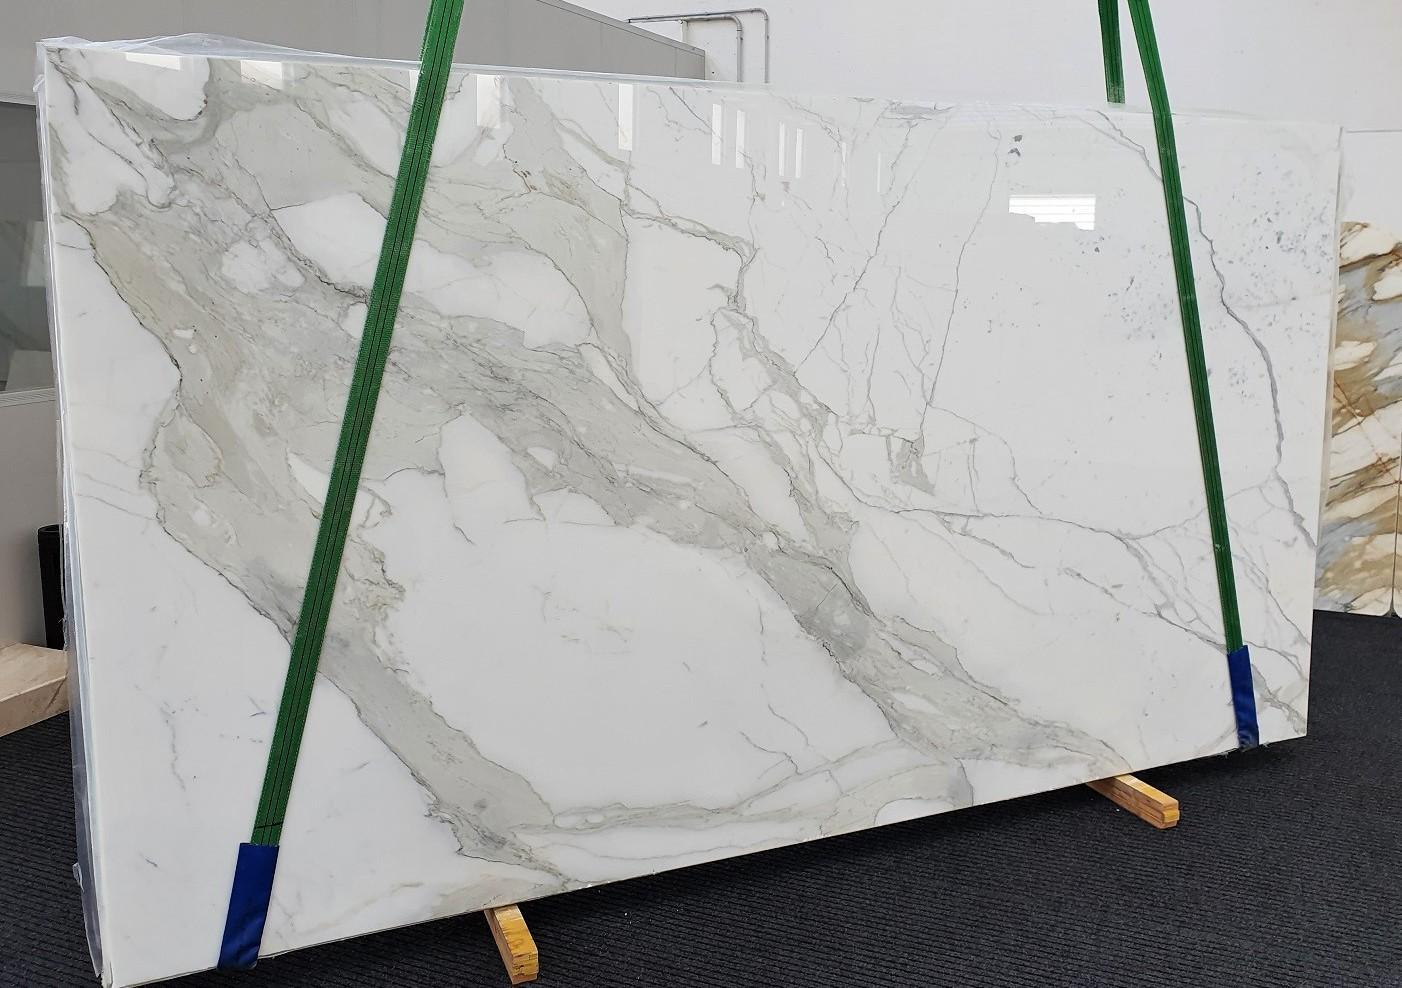 CALACATTA ORO EXTRA Suministro Veneto (Italia) de planchas pulidas en mármol natural 1366 , Slab #54